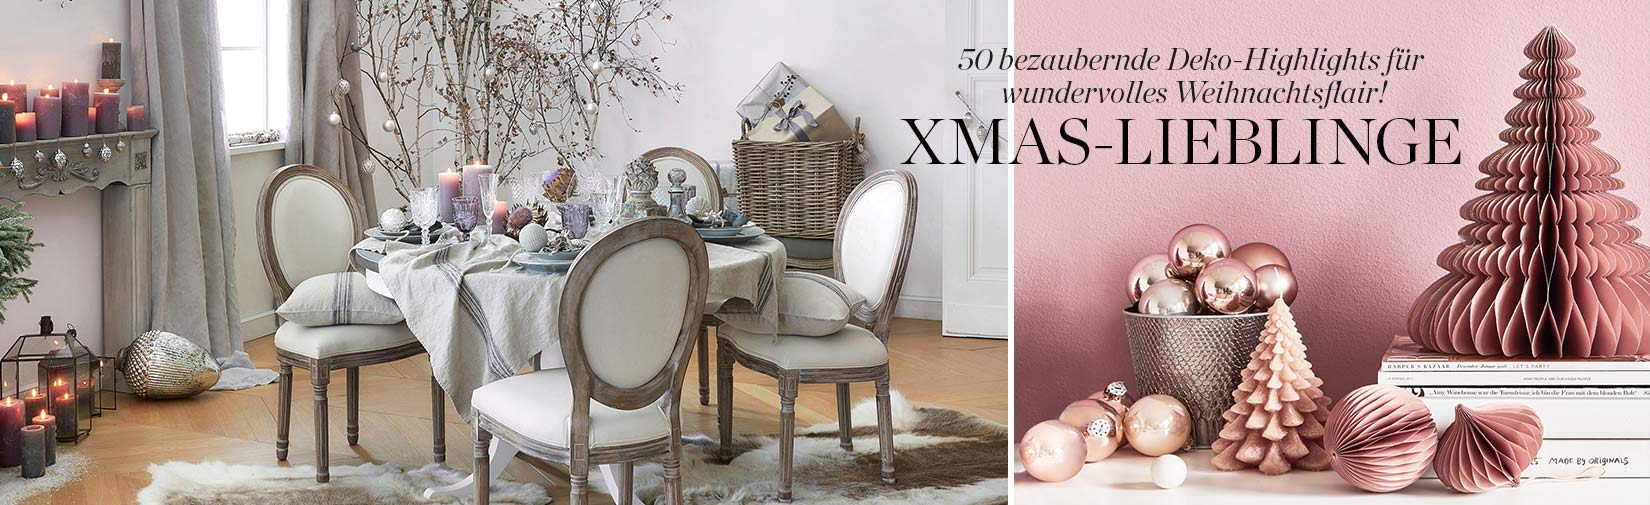 Weihnachten Kerzen Kerzenschein Esszimmer Tisch Stühle Deko